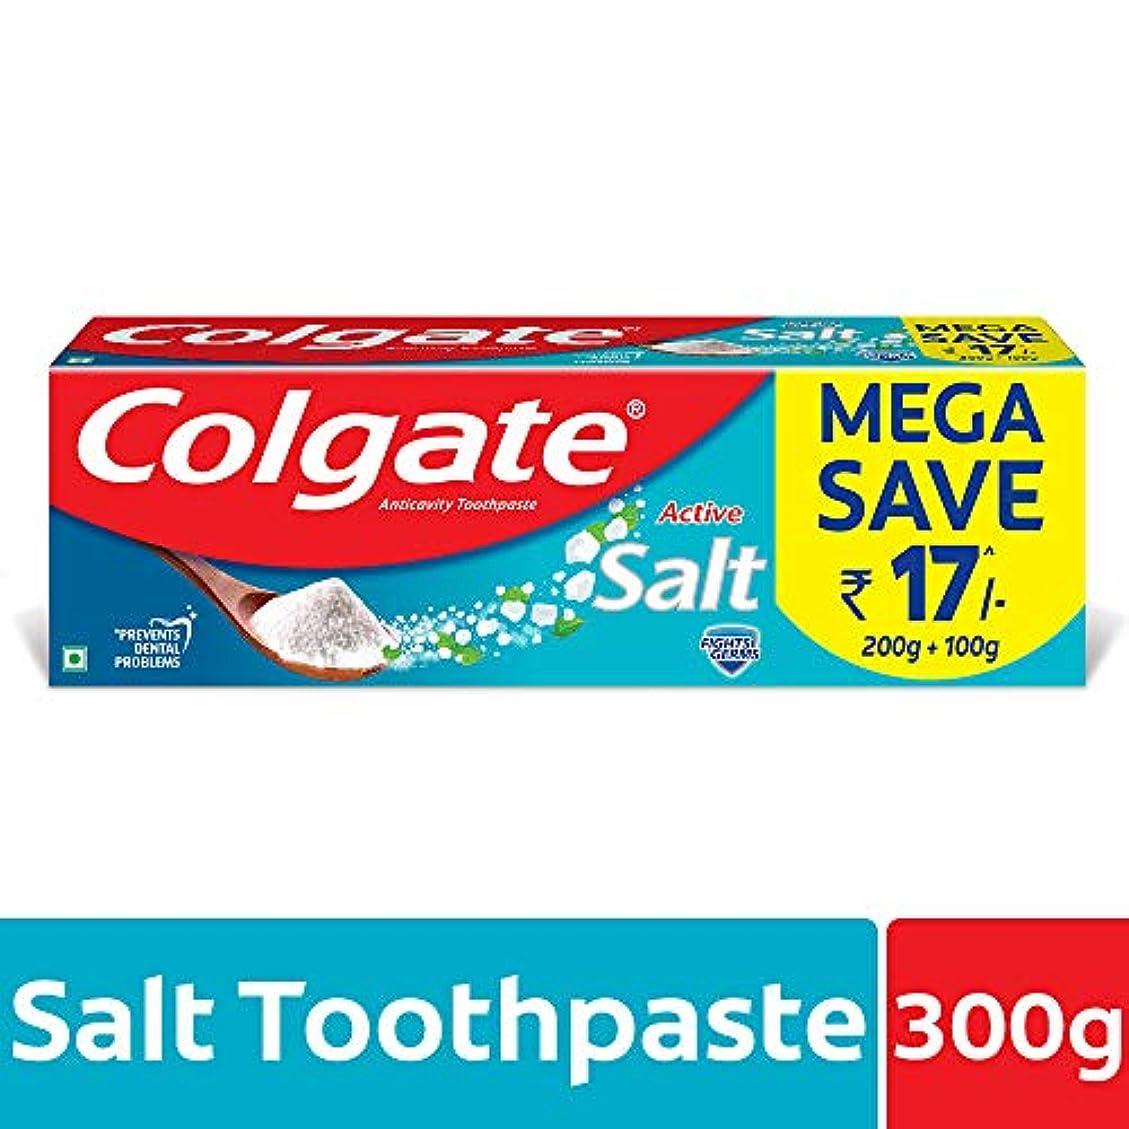 シュガー相関する沿ってColgate Active Salt Toothpaste, 300gm(200gm + 100gm)